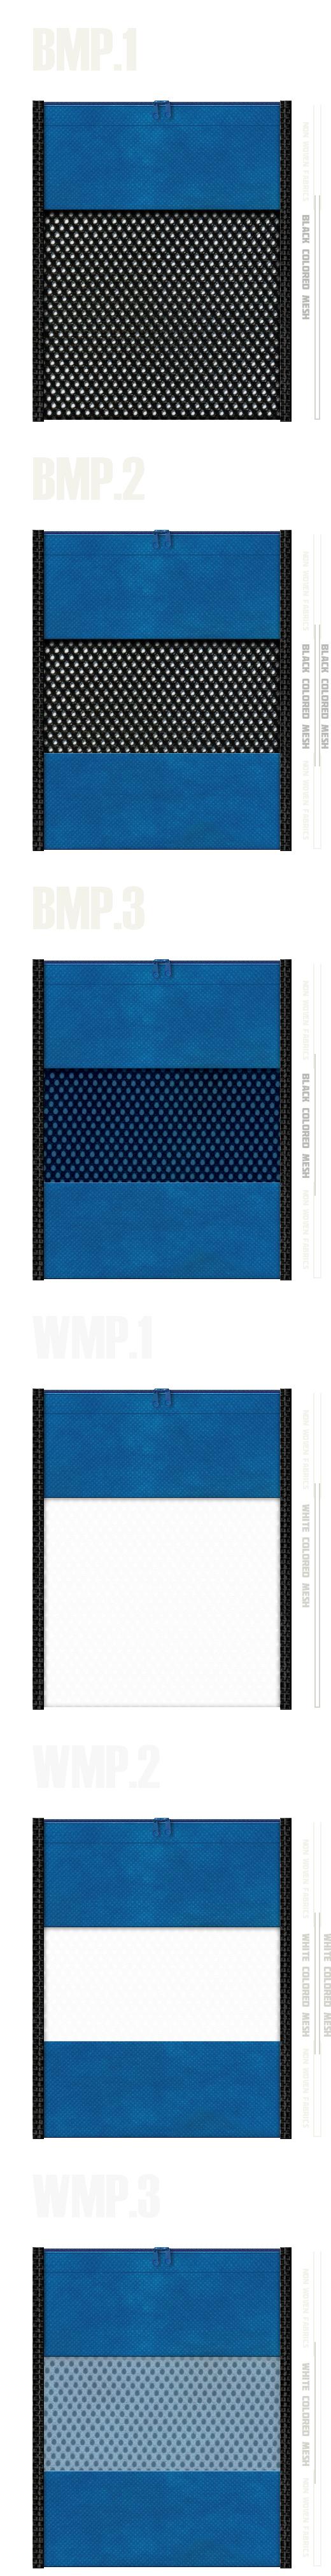 メッシュポーチのカラーシミュレーション:黒色・白色メッシュと青色不織布の組み合わせ